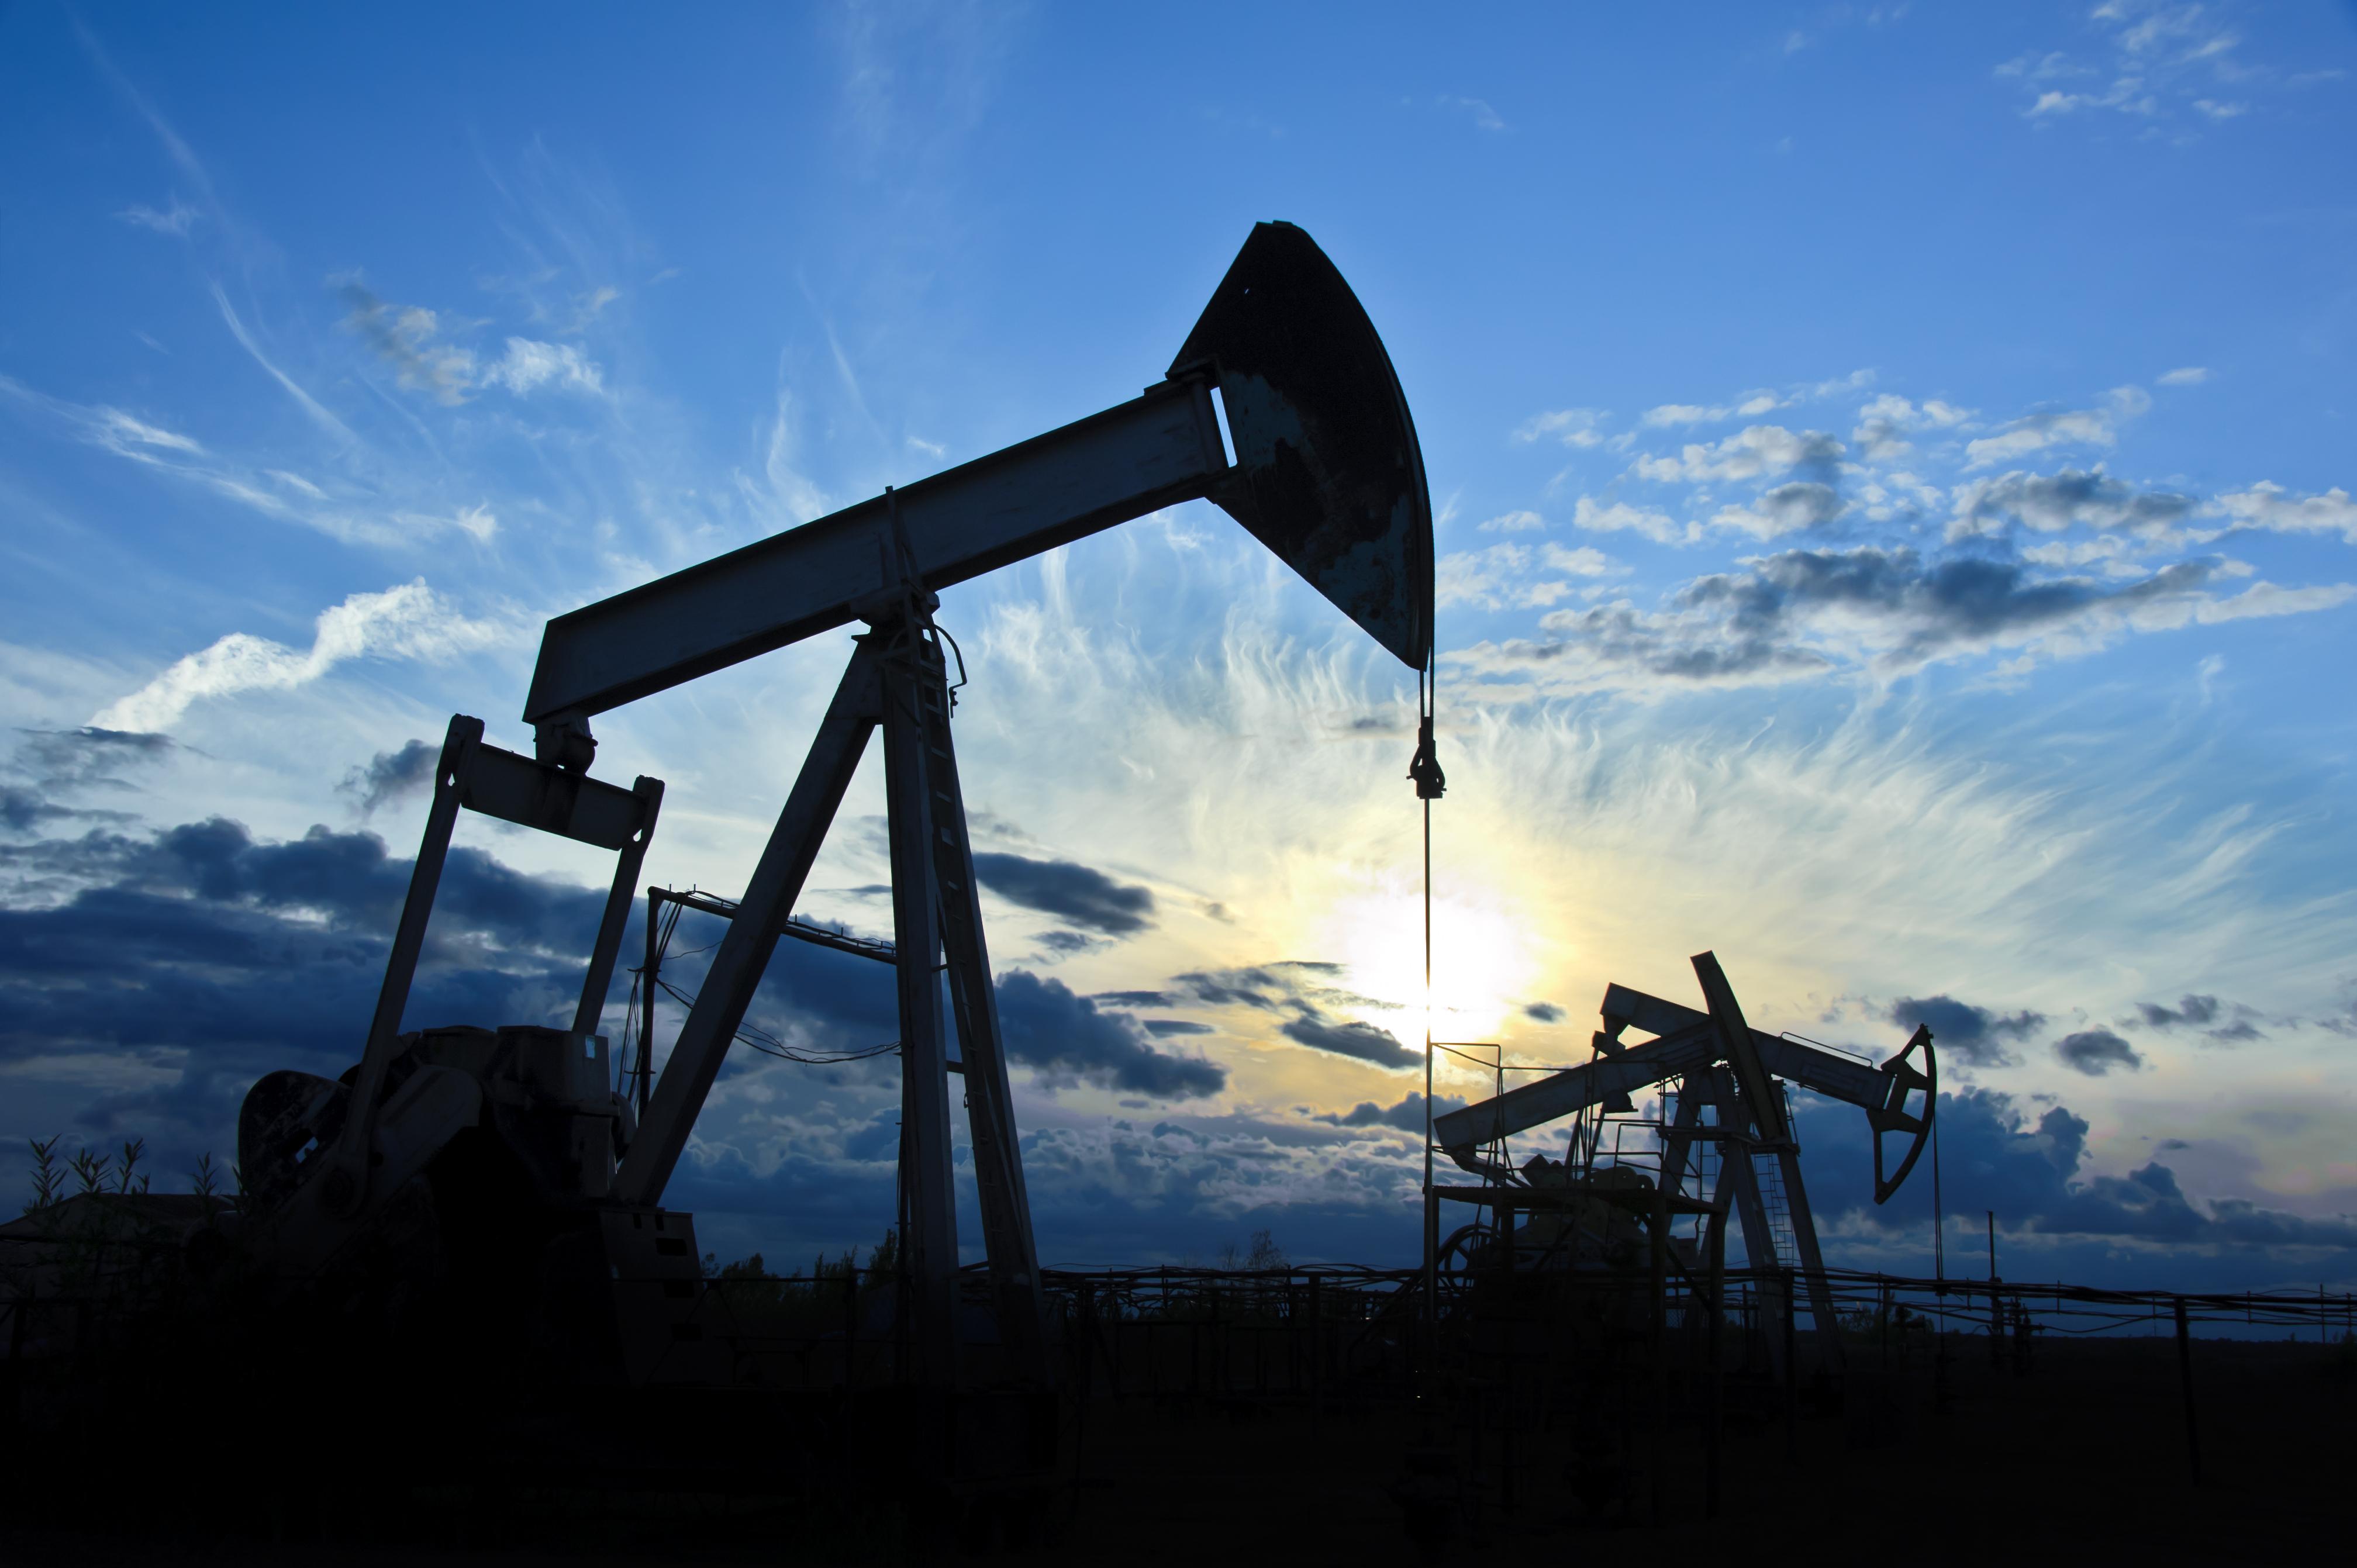 Картинка с нефтью